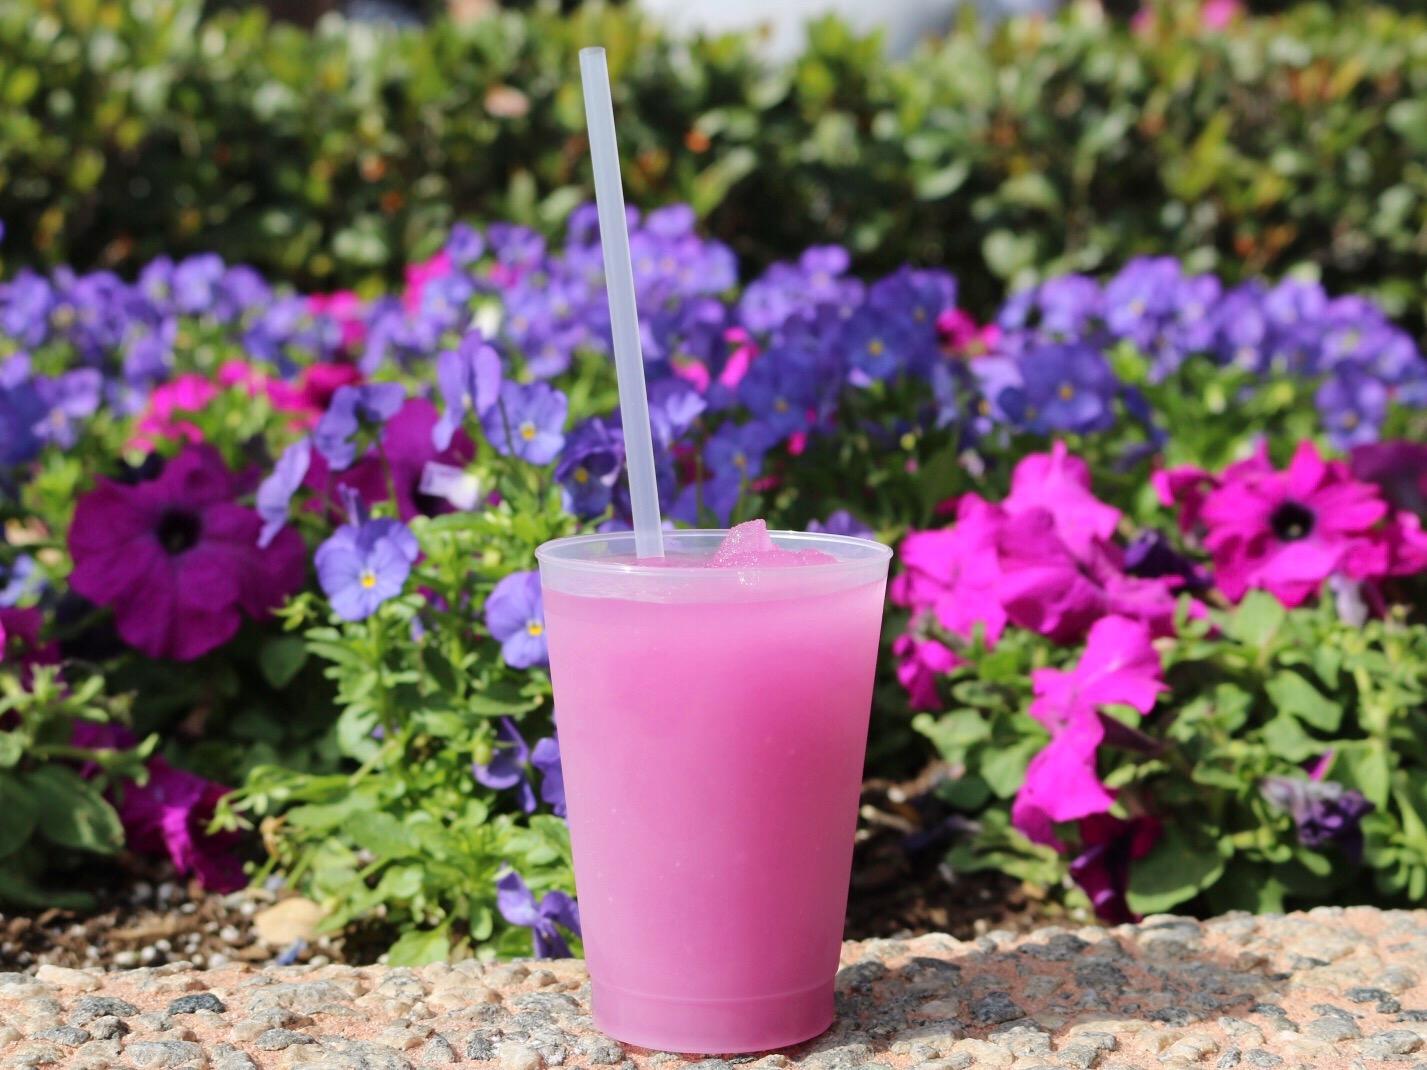 Epcot International Flower and Garden Festival violet lemonade